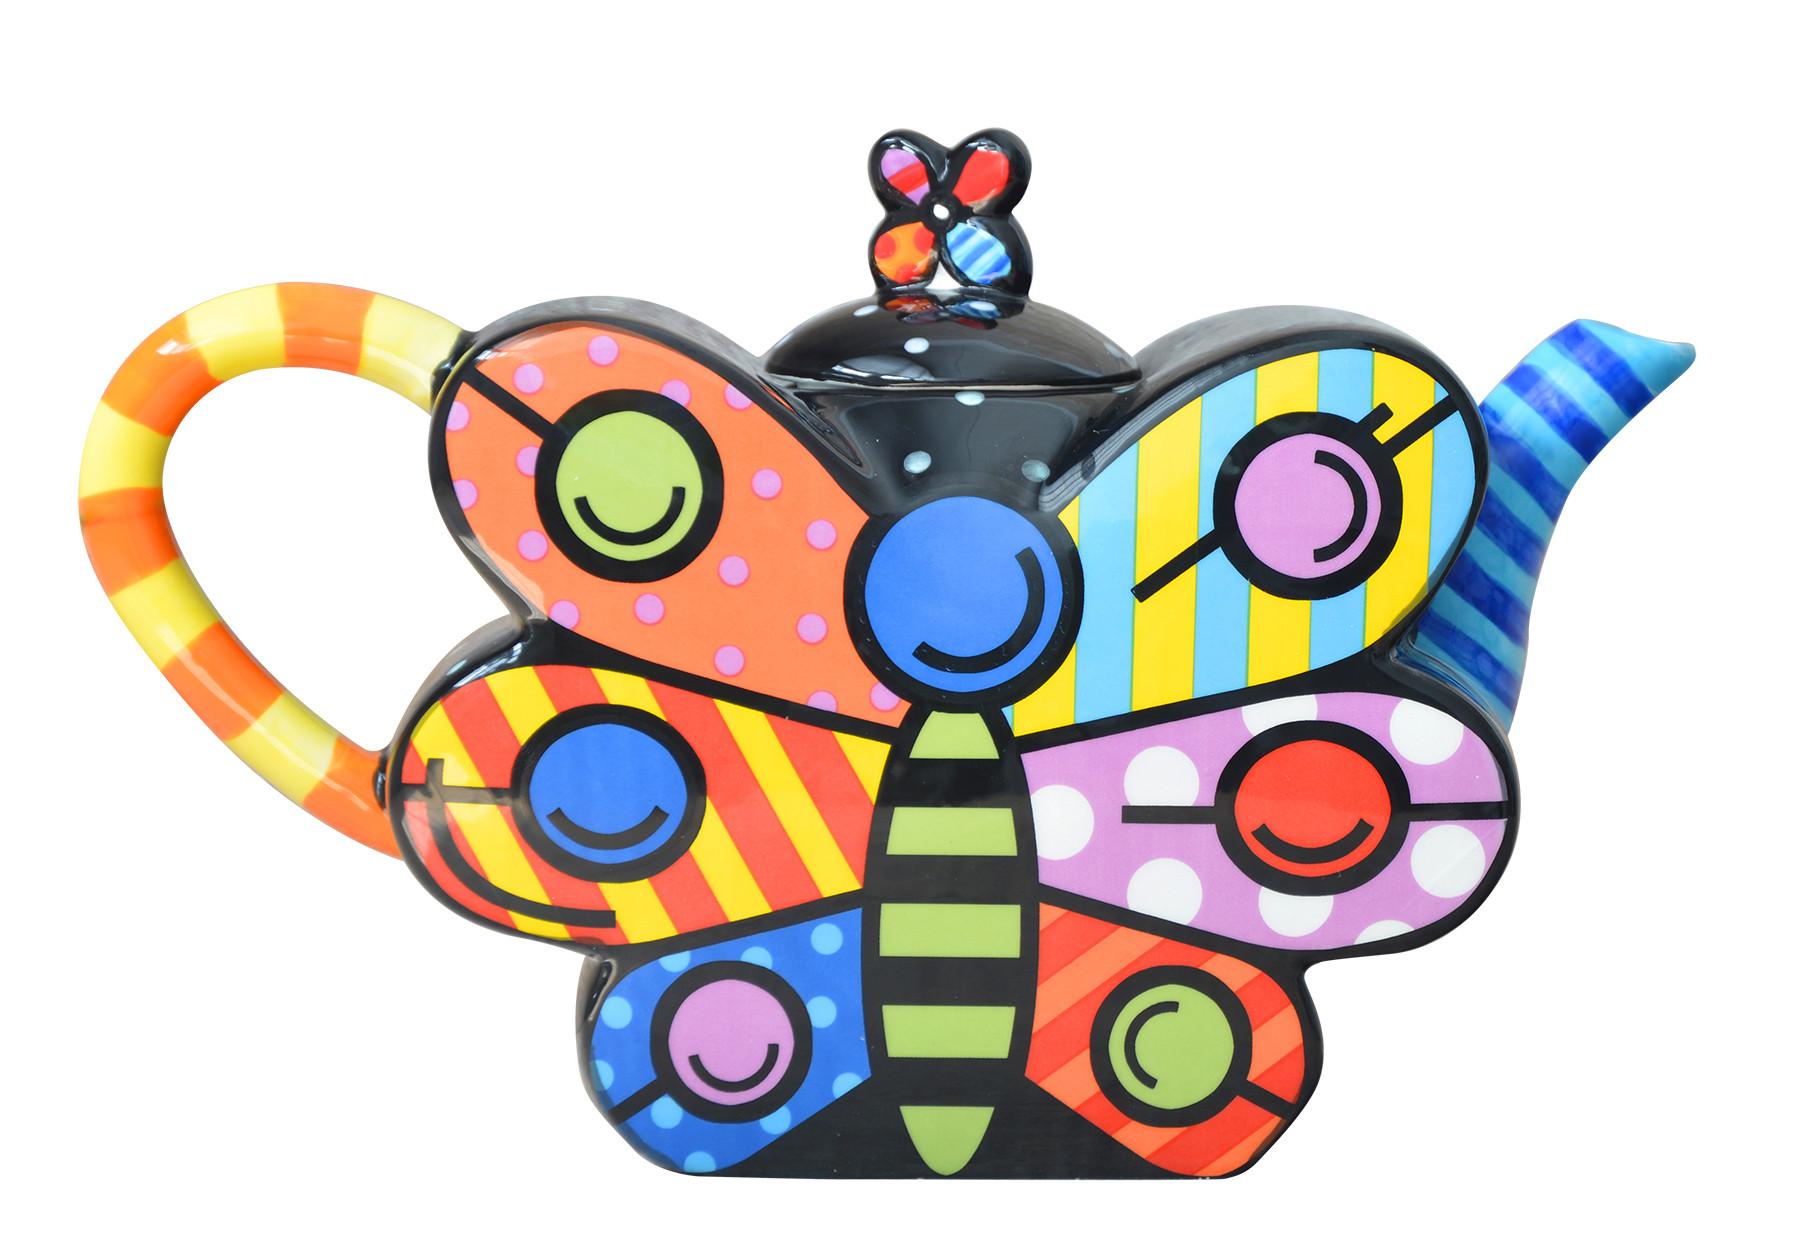 Tetera original de Cerámica con forma de Mariposa